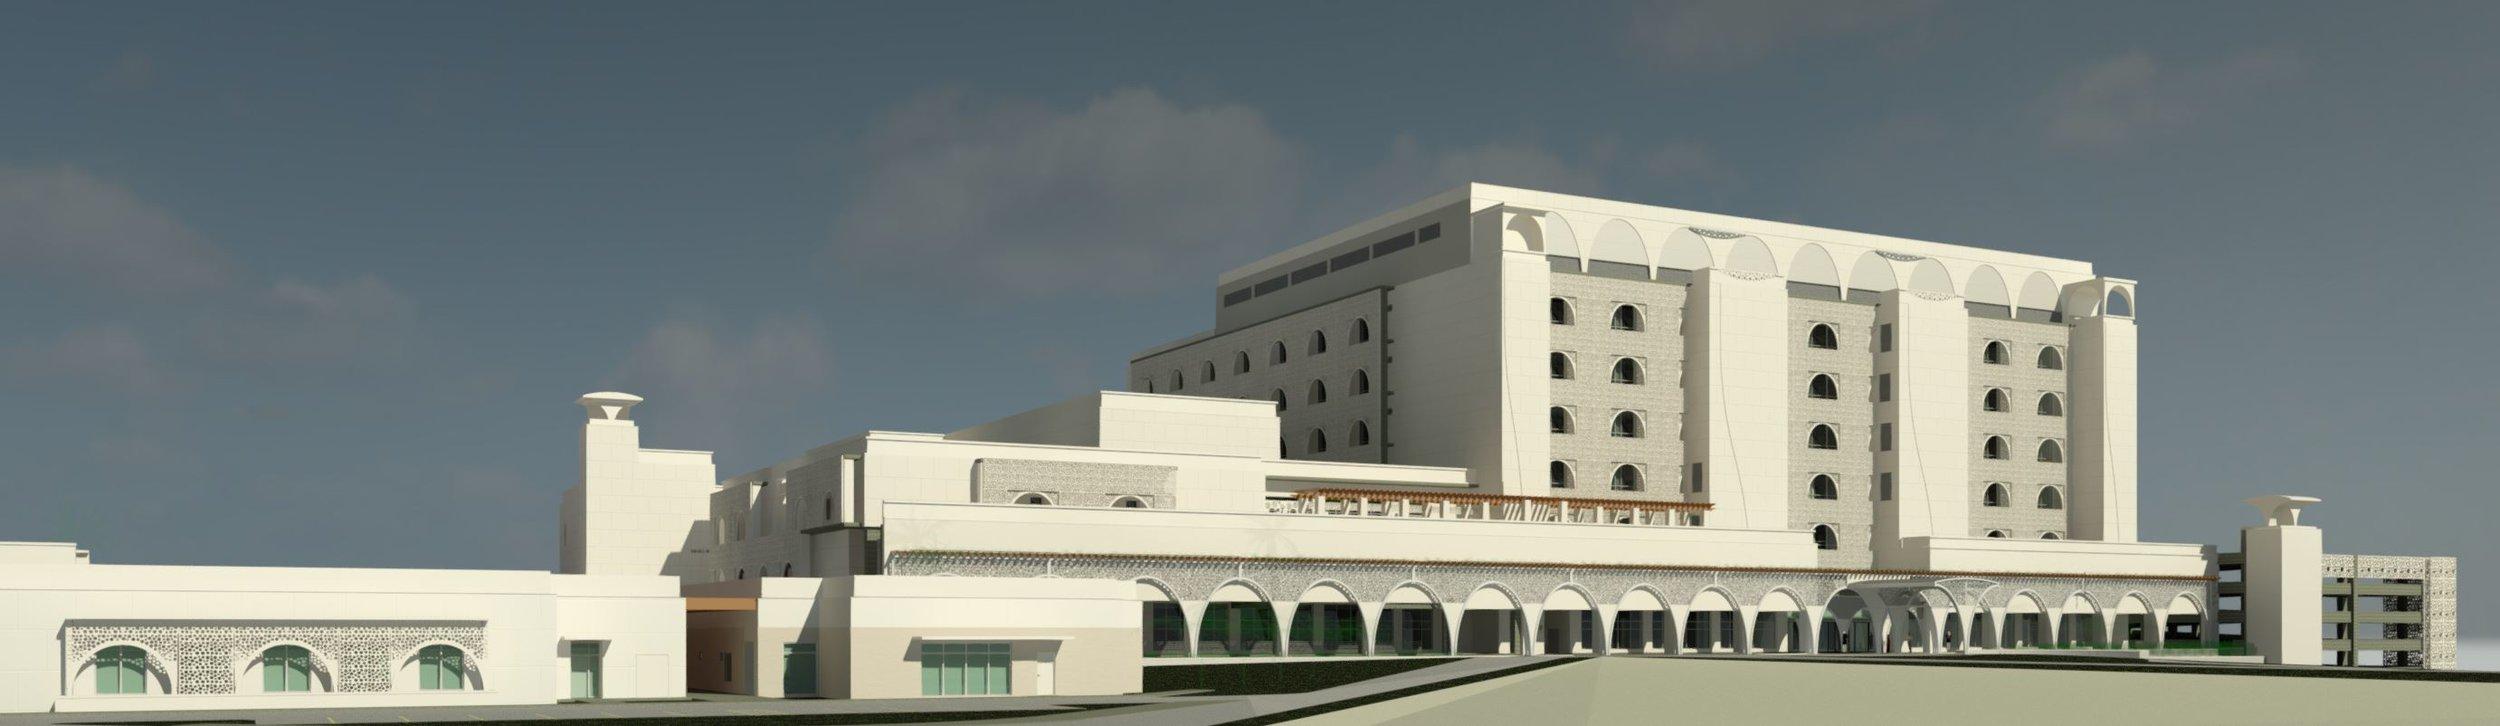 Shaukat Khanum Diagnostic Centre & Clinic — Karachi, Pakistan